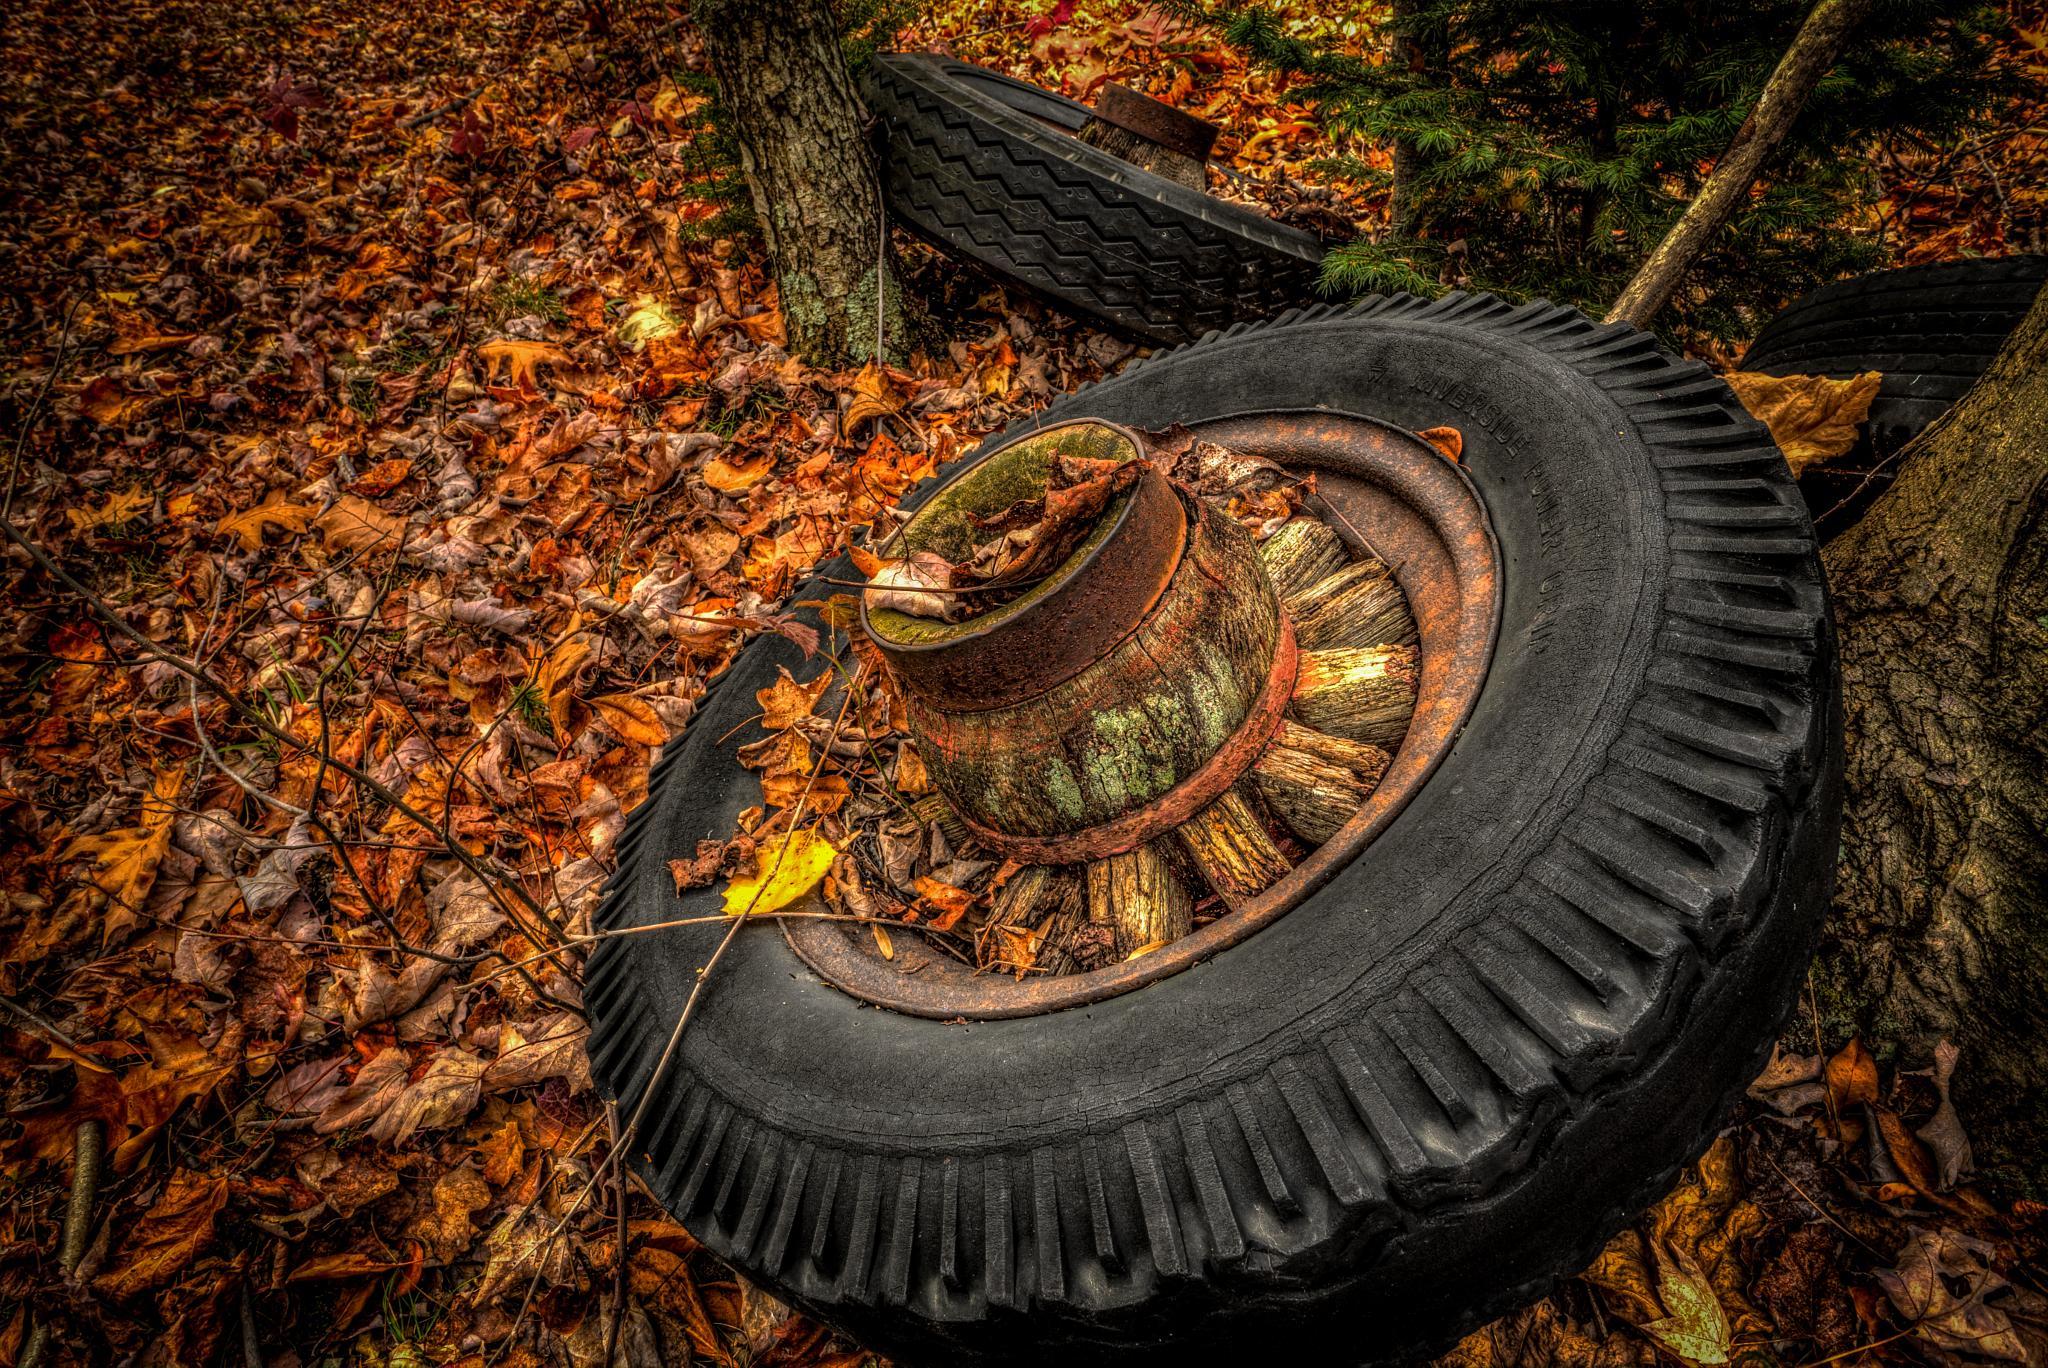 Wheels 27 by ThunderMountainPhoto